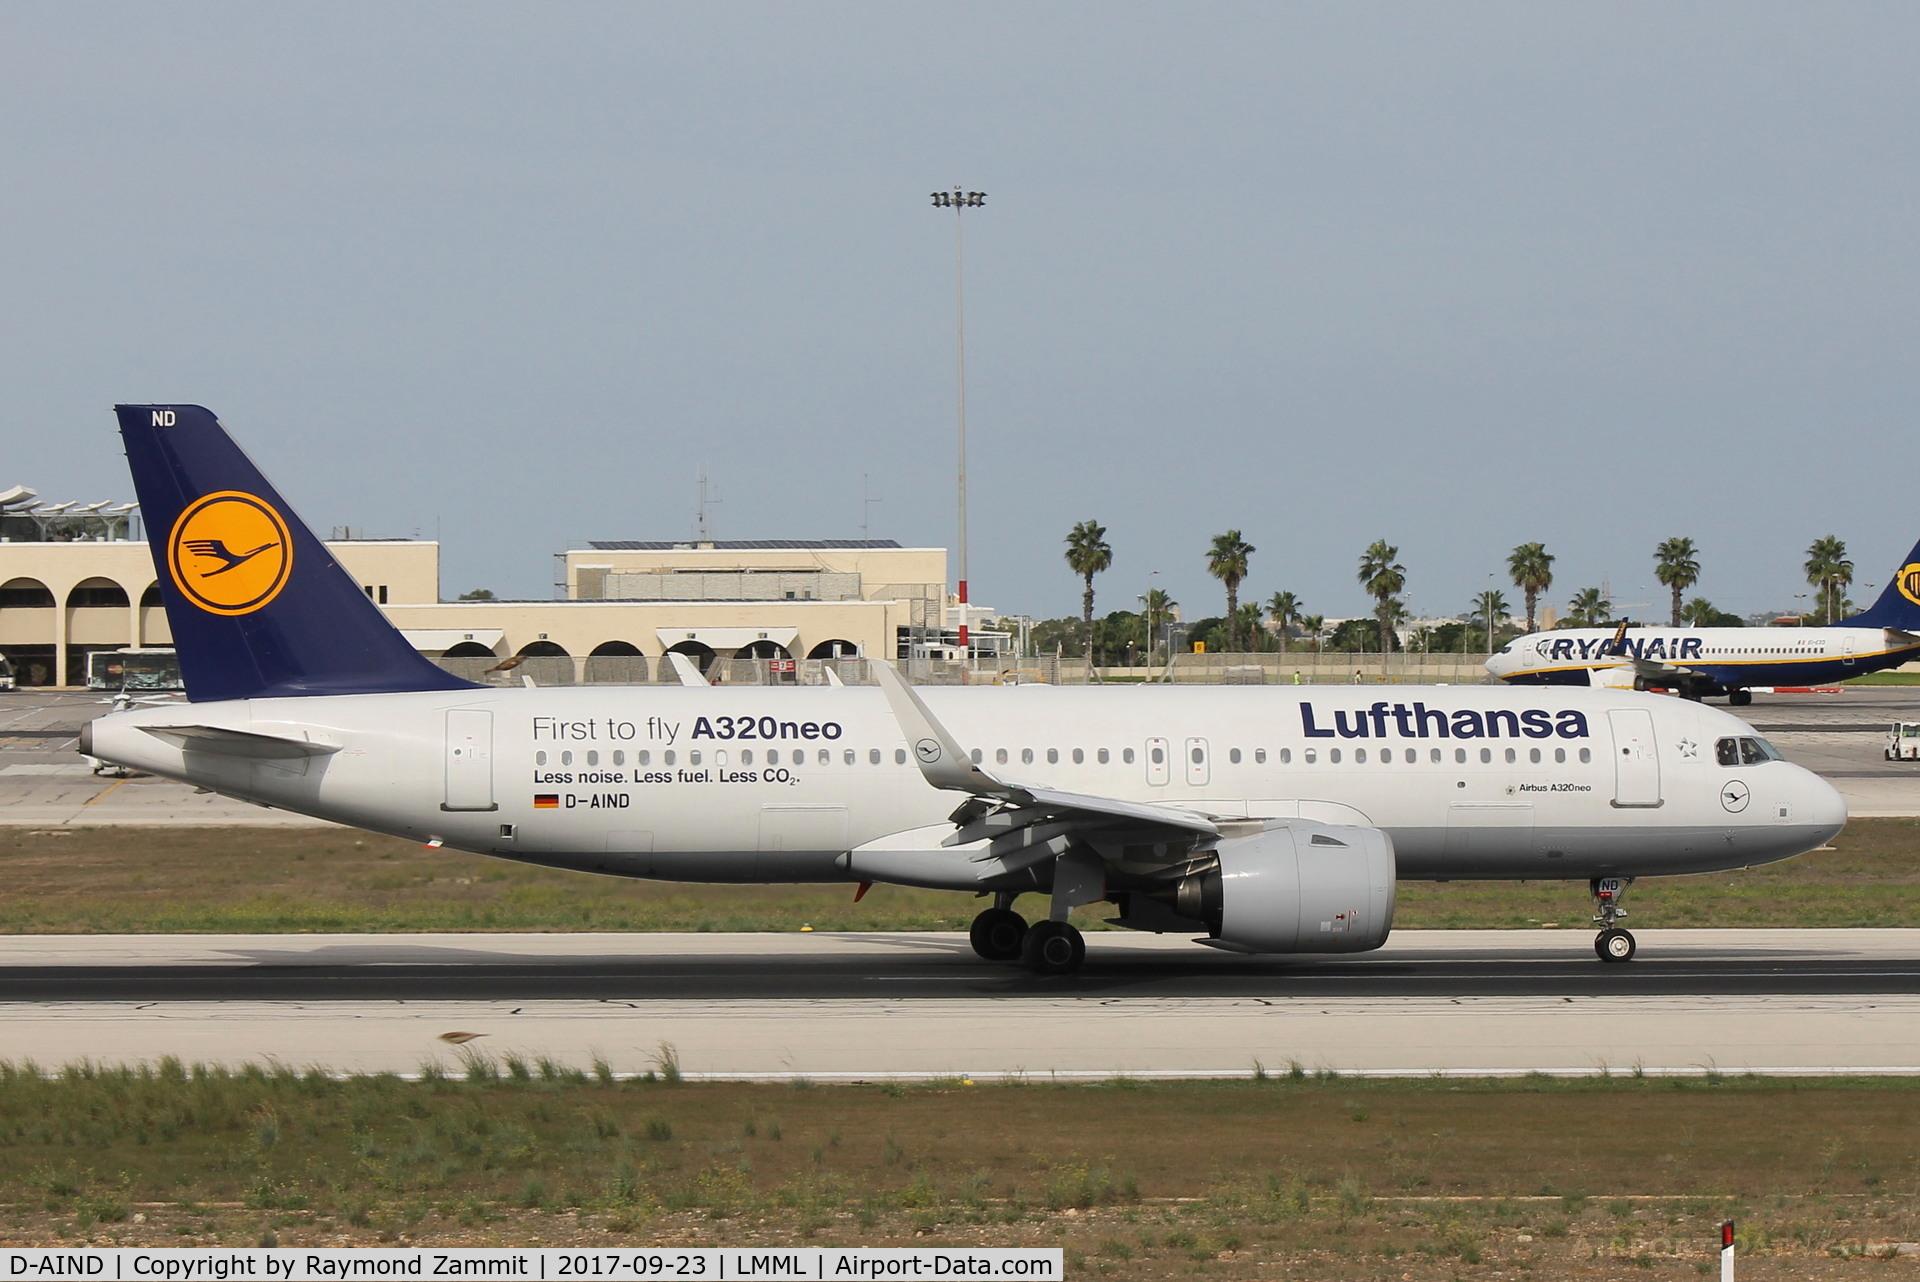 D-AIND, 2016 Airbus A320-271NEO C/N 7078, A320Neo D-AIND Lufthansa